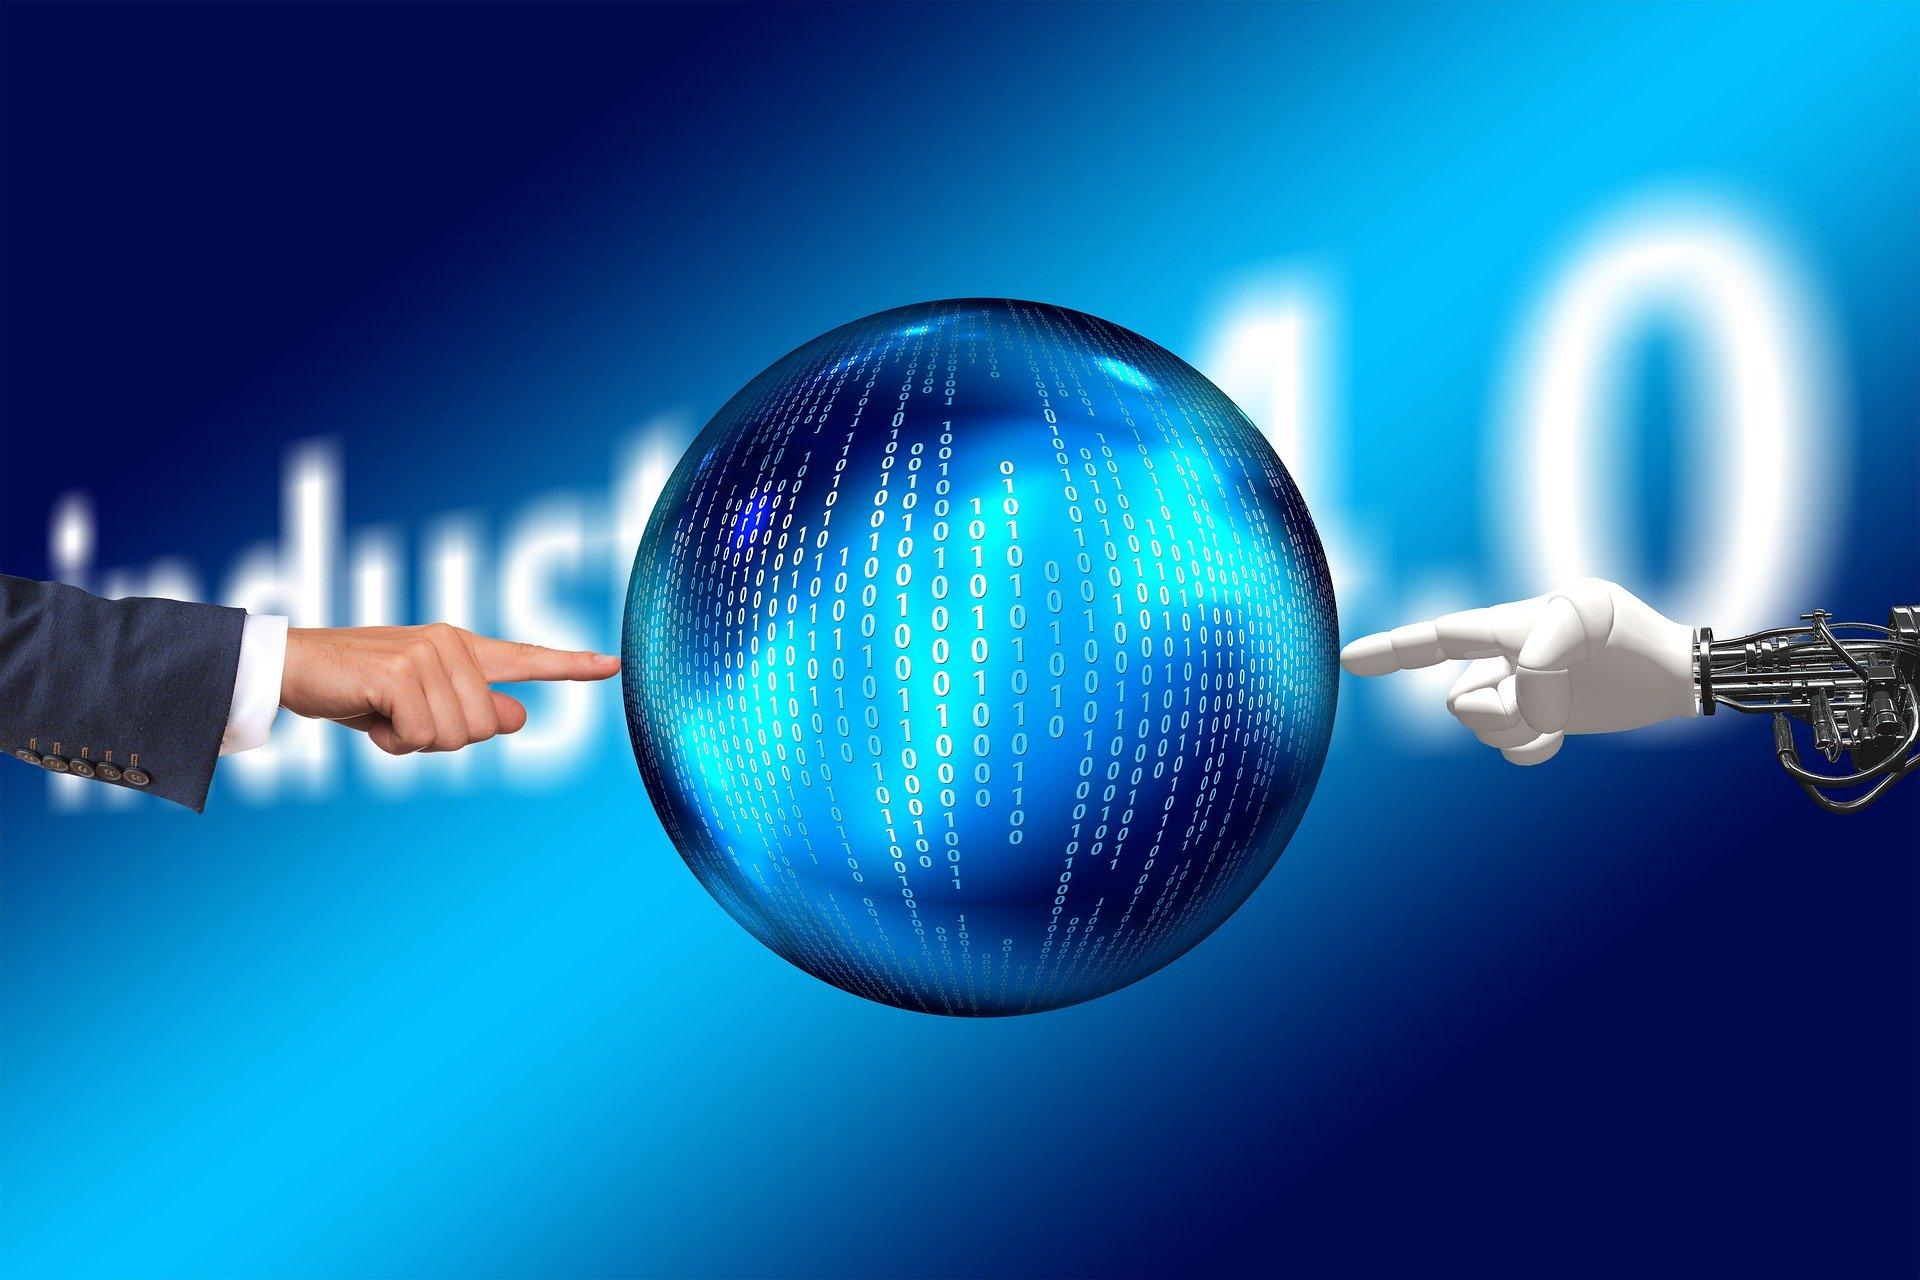 现代传感器,是怎样模拟人类5感的?